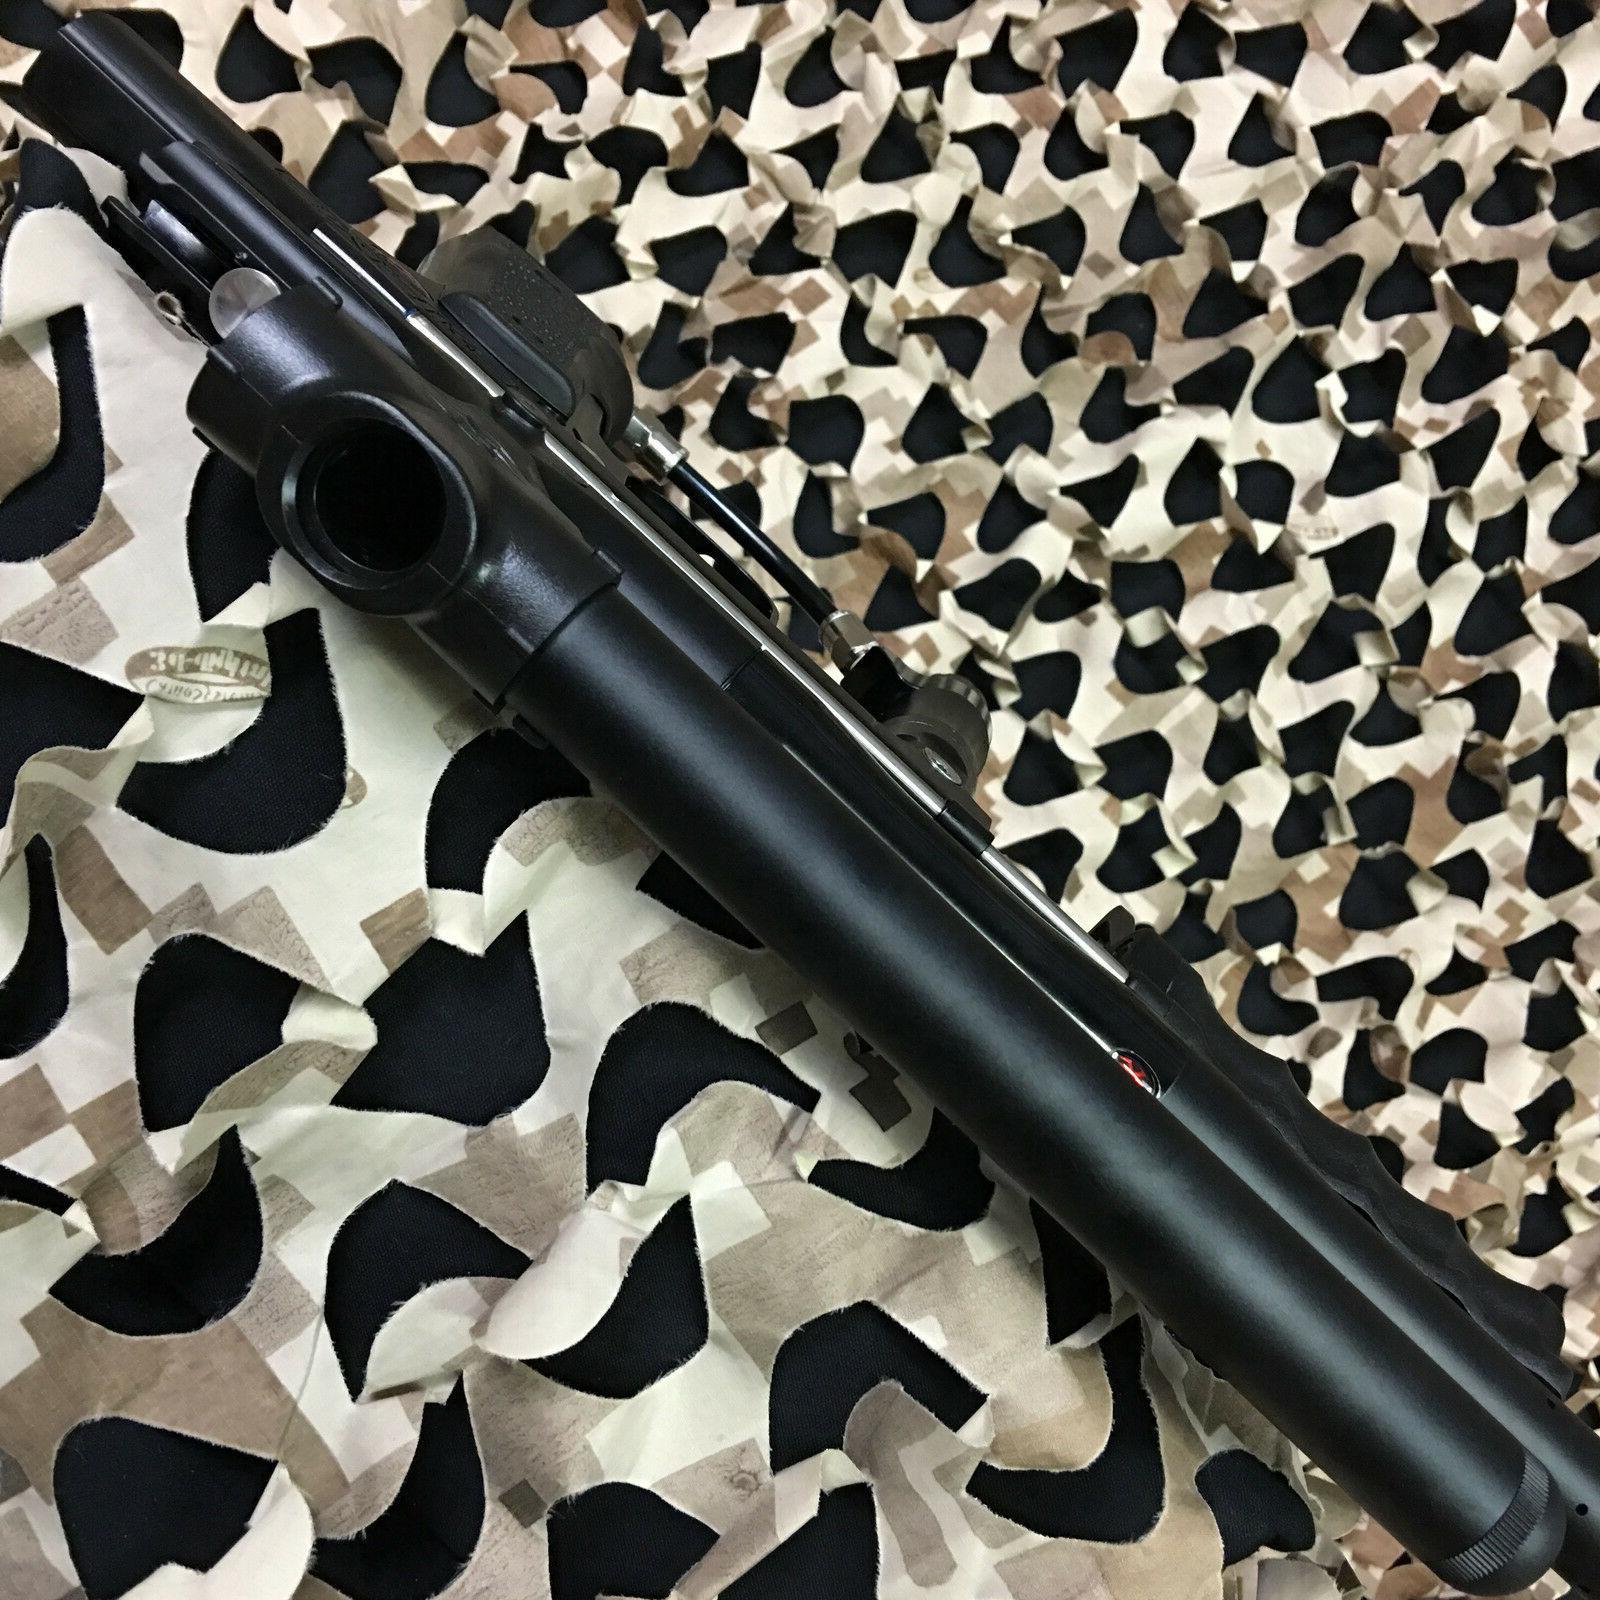 NEW Sniper Tournament Paintball Gun